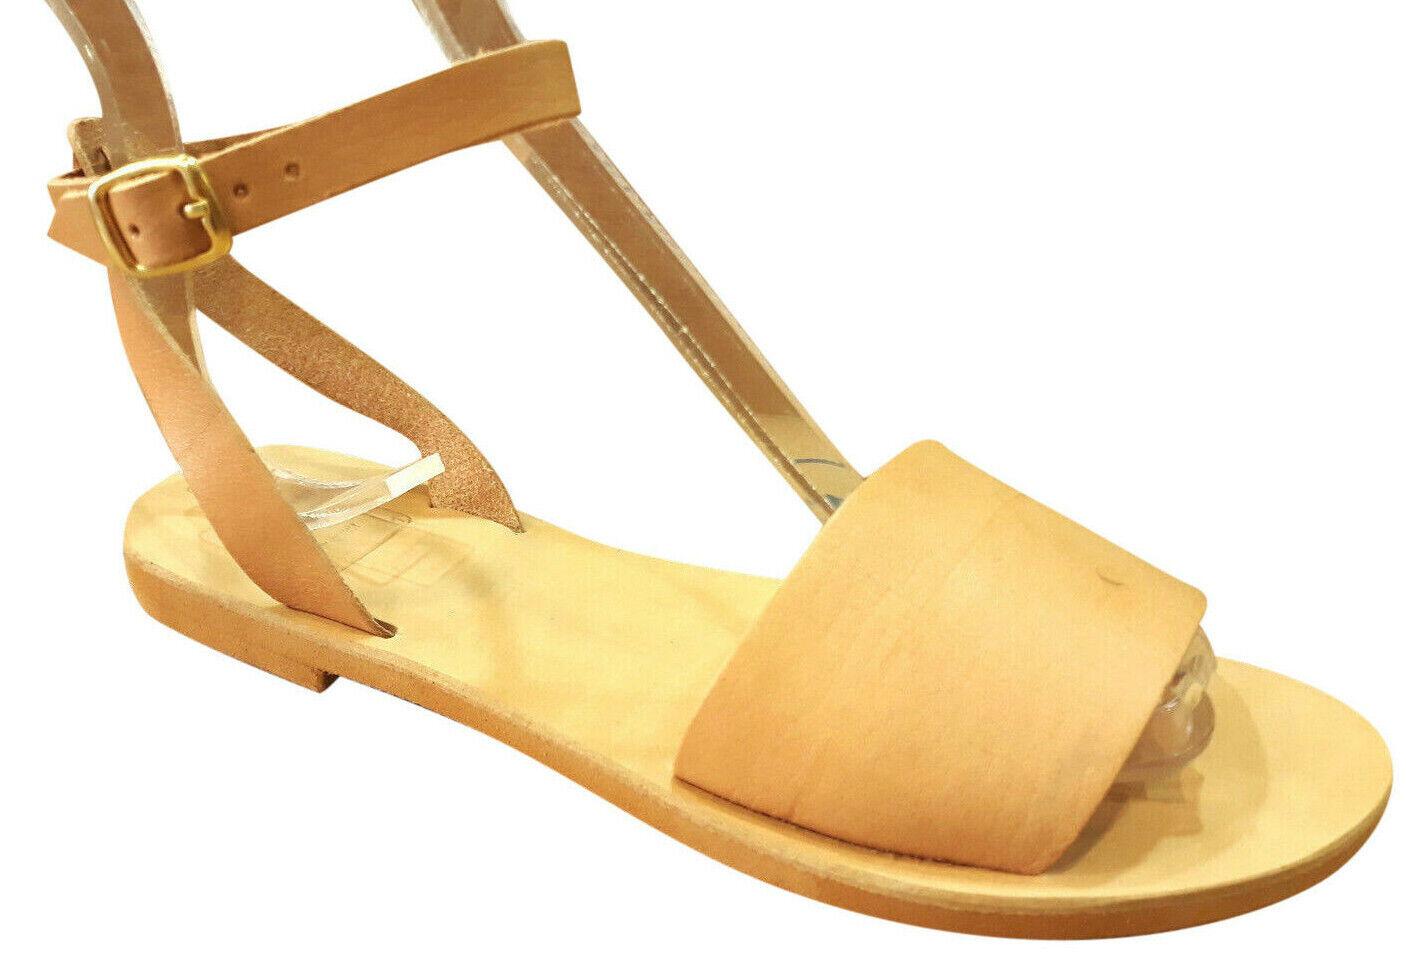 Las mujeres griegas antiguas sandalias gladiador romano cuero hecho a mano zapatos tamaño